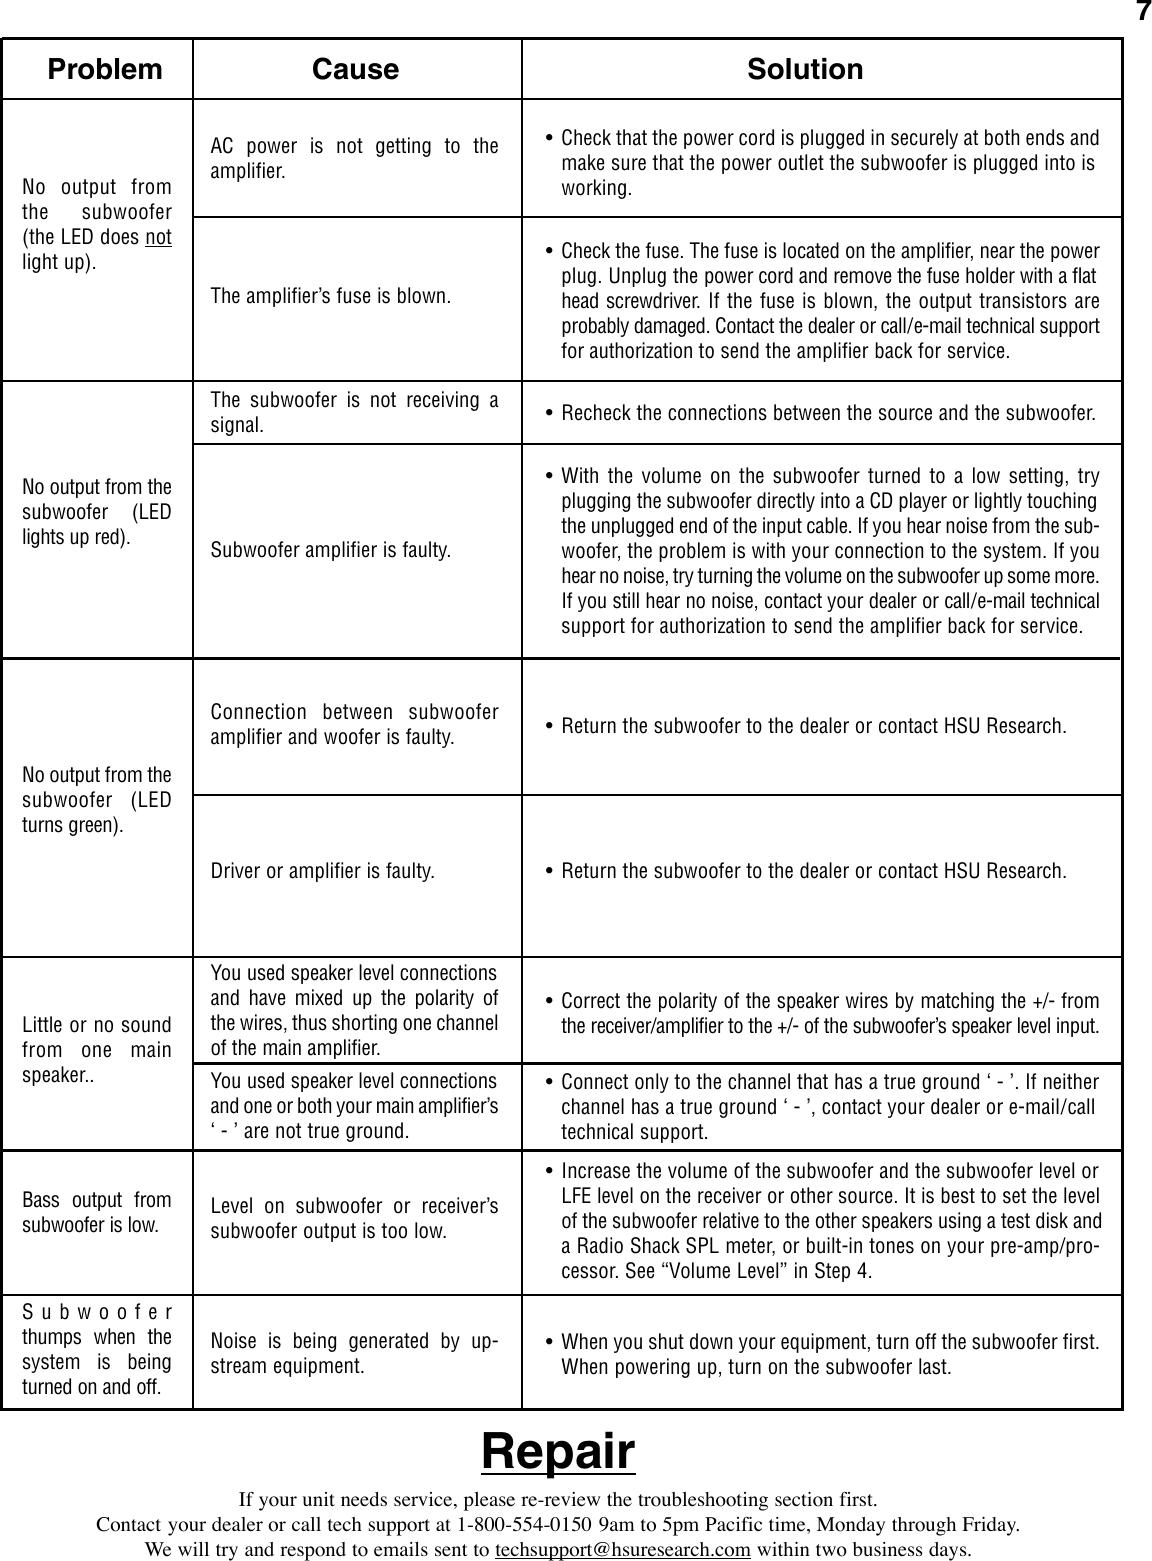 Hsu Research Subwoofer Stf Users Manual STF1